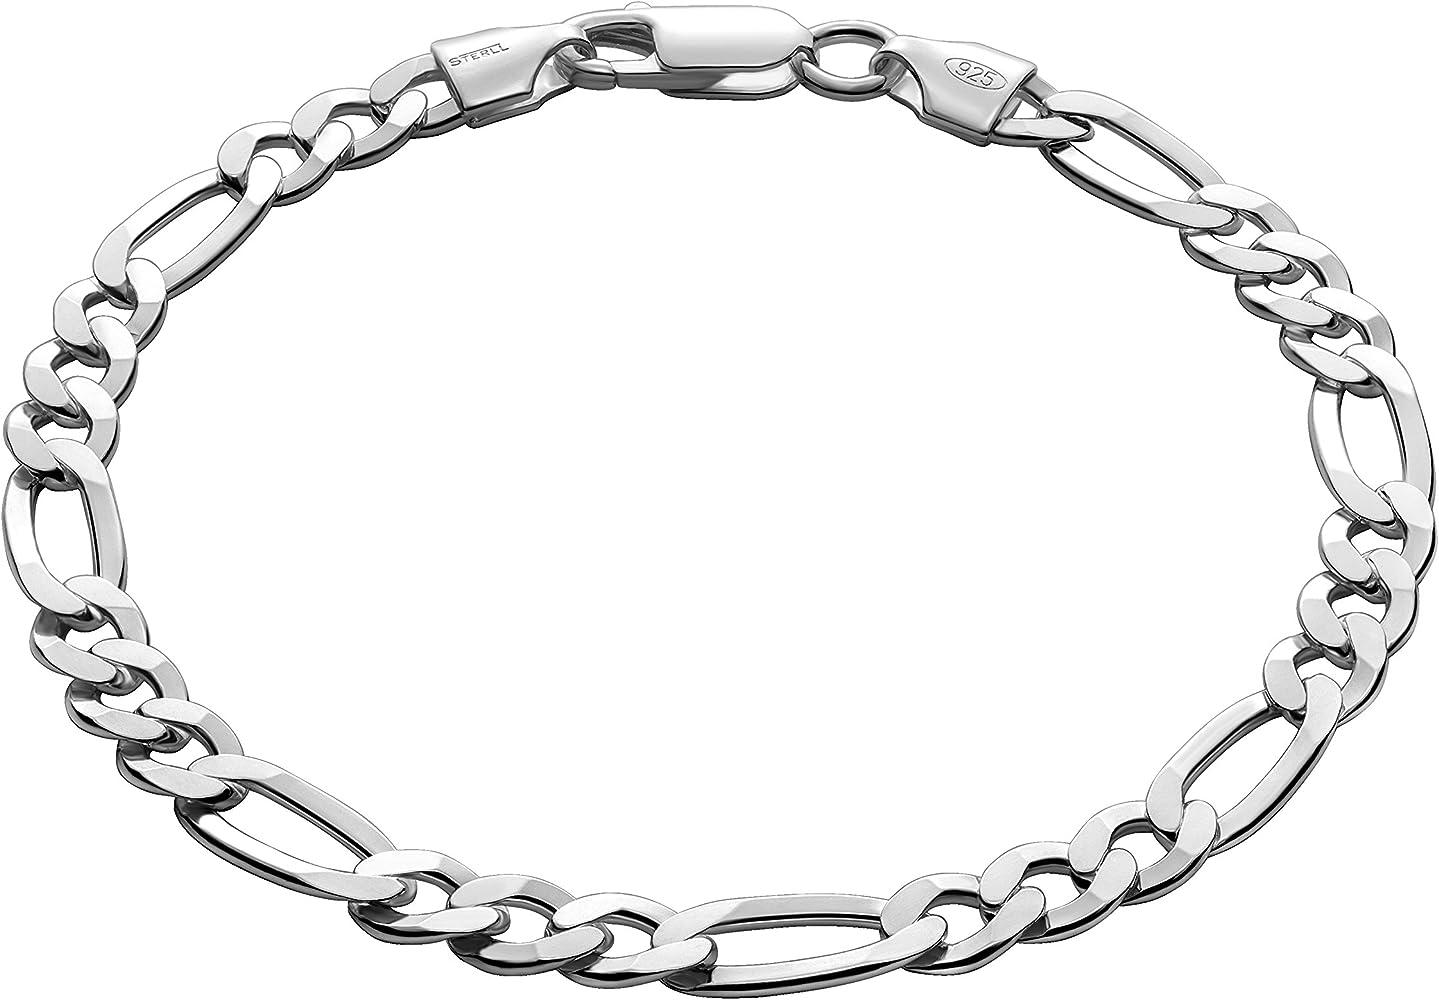 STERLL Pulsera para hombre de plata 925, 20 cm de longitude, con caja de joyas, ideal como regalo de hombre: Amazon.es: Joyería